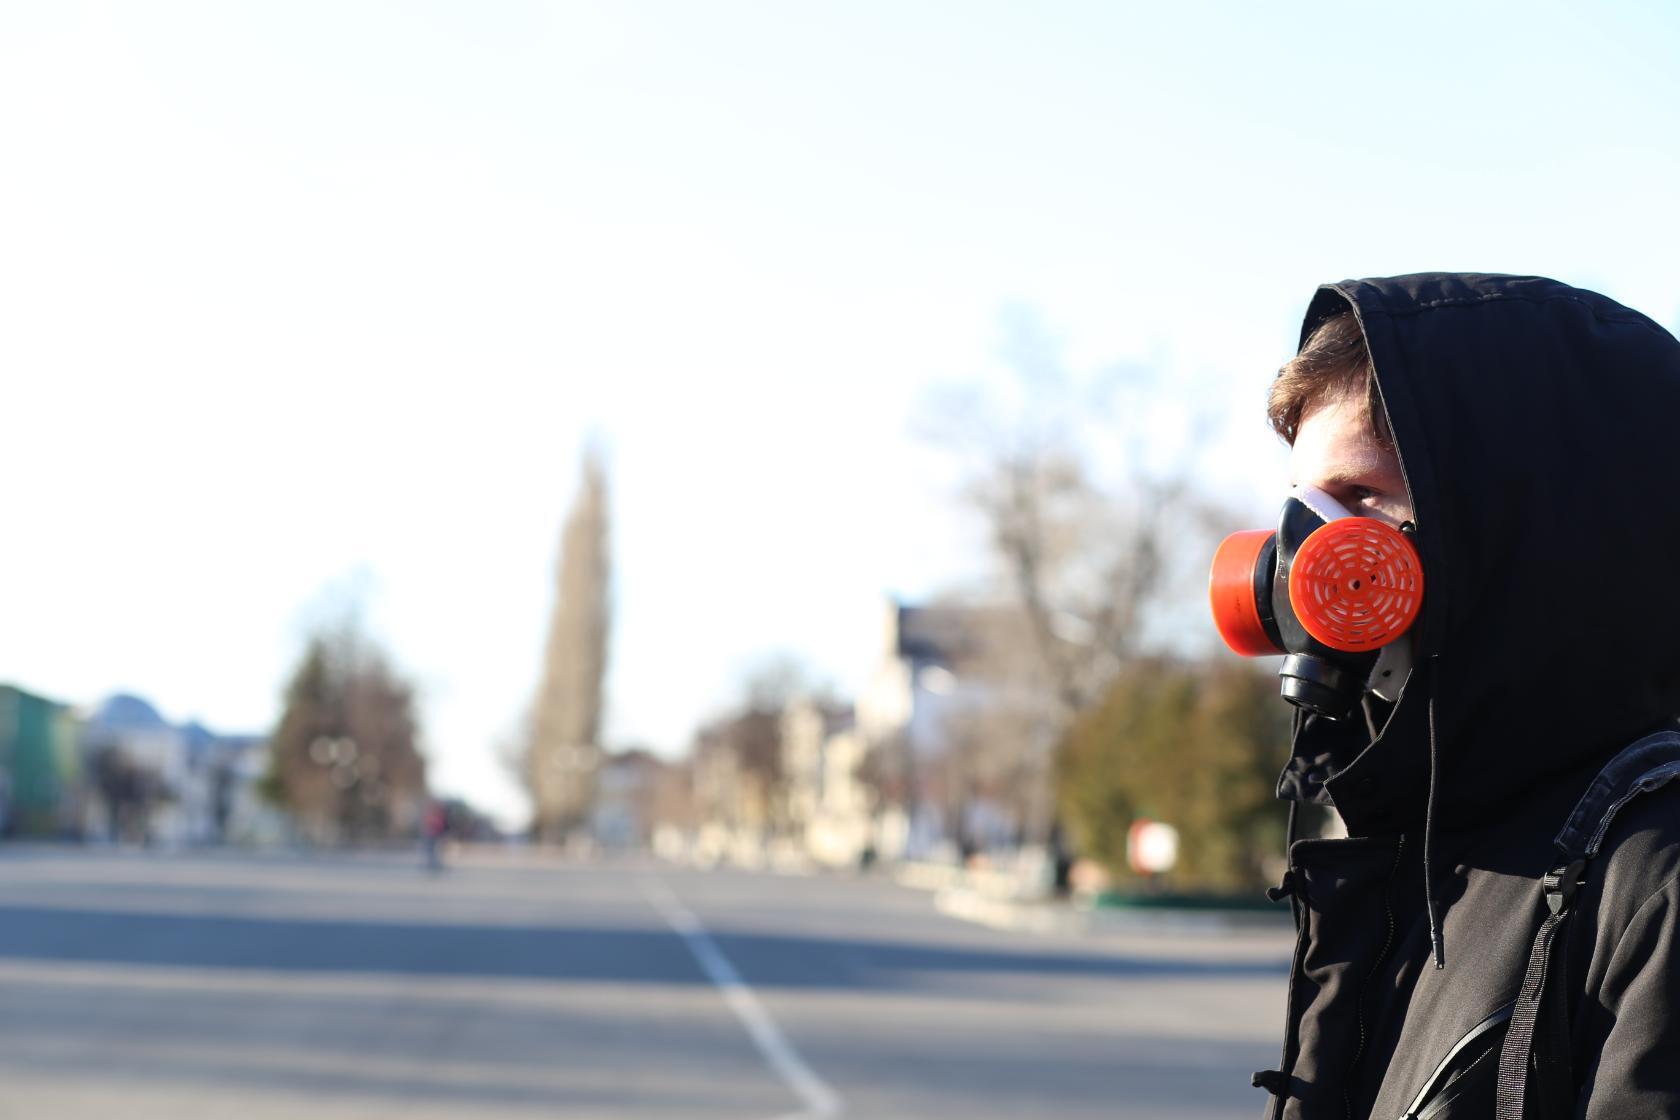 Администрацией области внесены изменения в действующее постановление от 26.03.2020 №233, которые закрепляют дополнительные меры по борьбе с распространением новой коронавирусной инфекции. Акцент сделан на самоизоляции, ношении средств индивидуальной защит